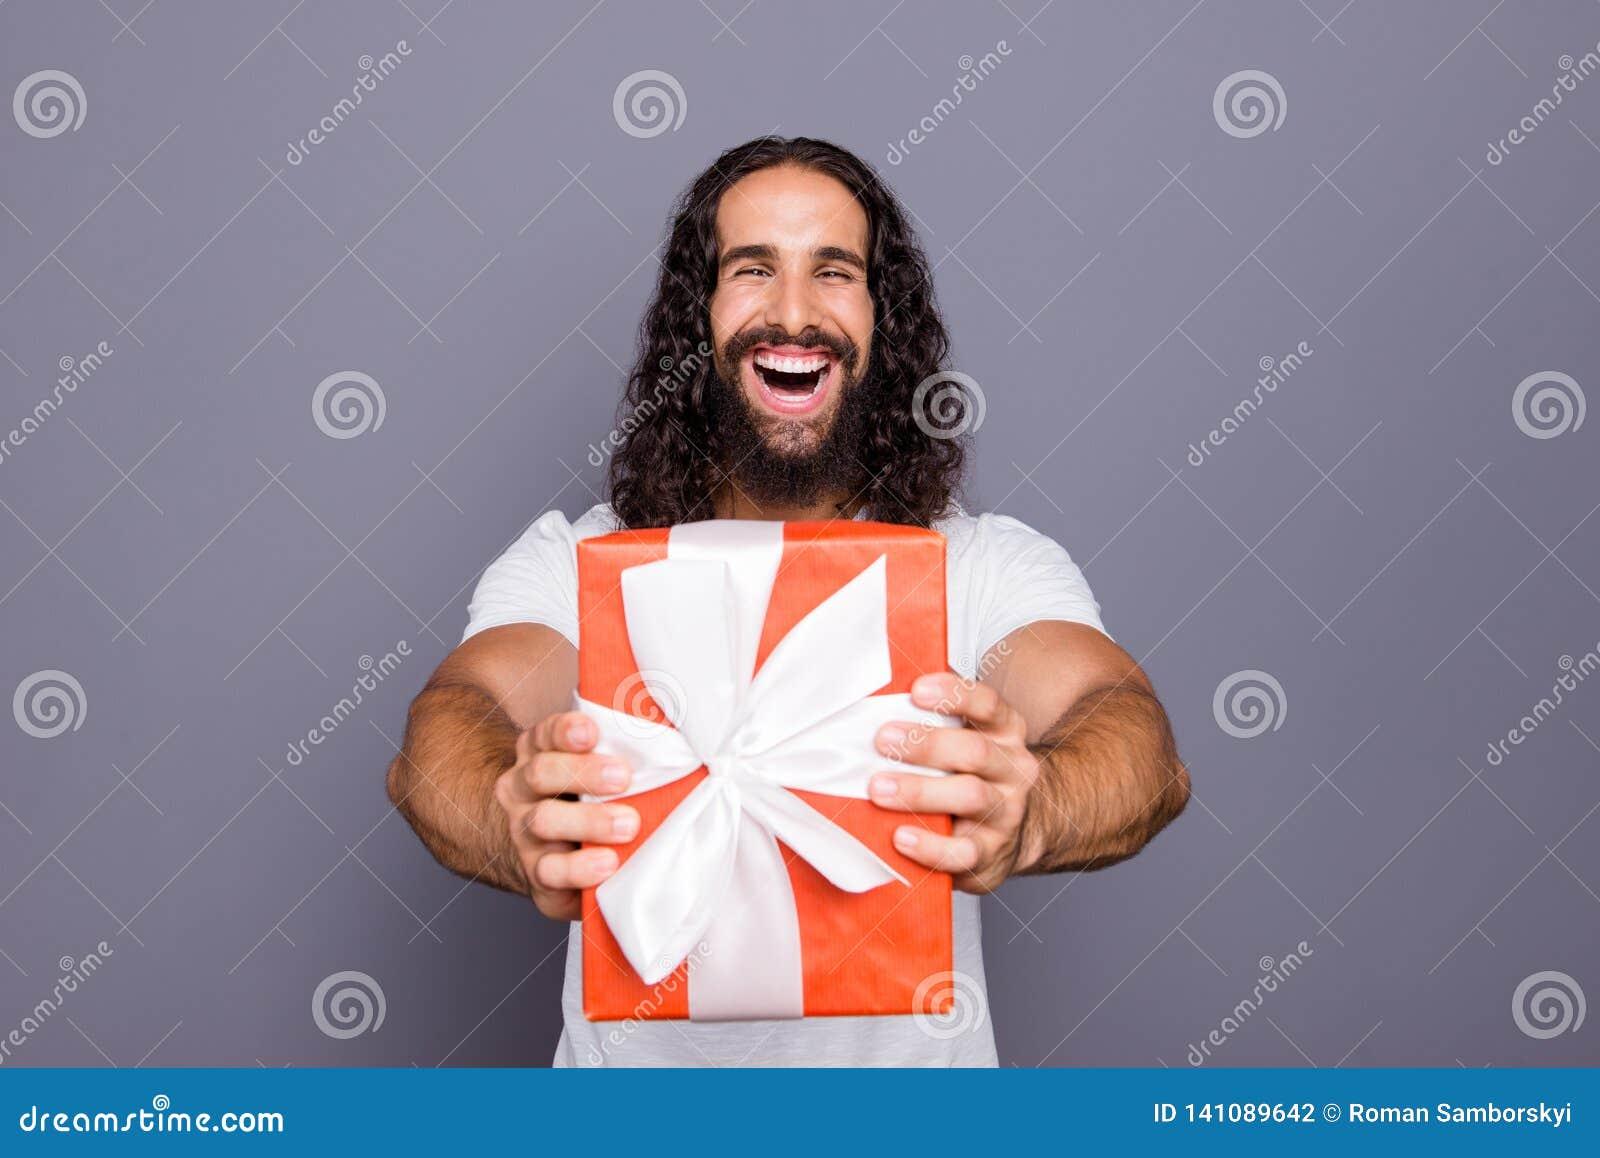 Πορτρέτο δικοί του αυτός συμπαθητικός ελκυστικός εύθυμος χαρωπός εκστατικός ενθουσιασμένος κατσαρός τύπος που δίνει σας που παρου